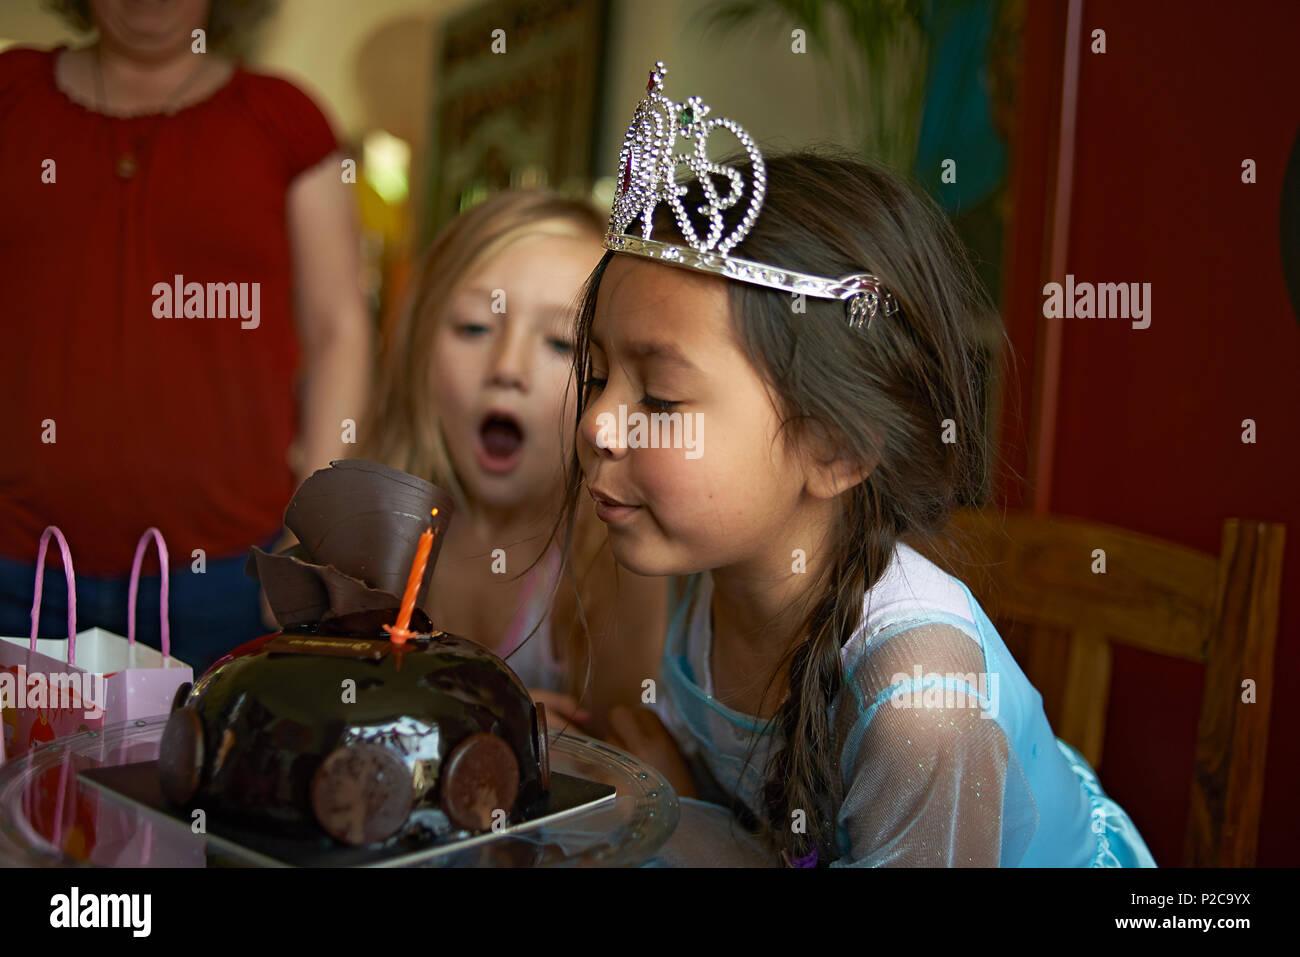 Süße kleine Jugendliche asiatische Mädchen mit einem Prinzessin Kleid und eine Tiara Ausblasen der Kerzen auf der Geburtstagstorte mit Ihrem besten Freund saß mit ihr Stockbild